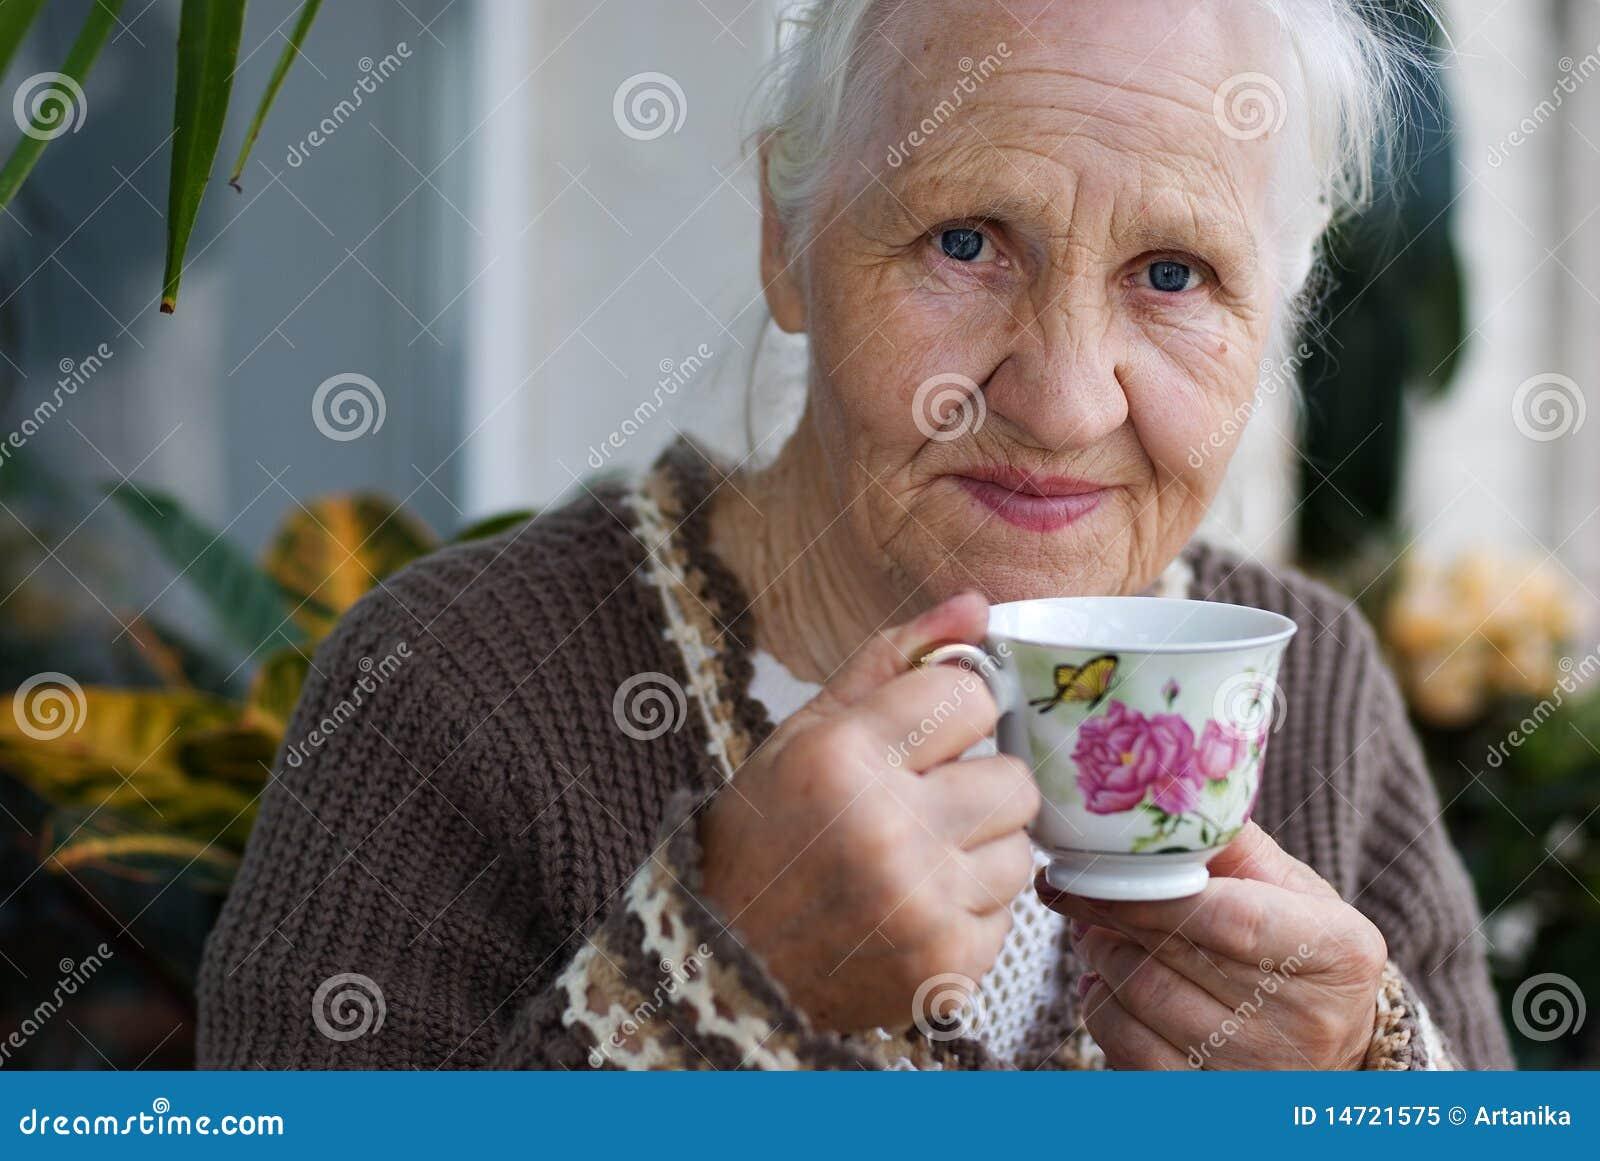 Ältere Frau mit Tasse Tee